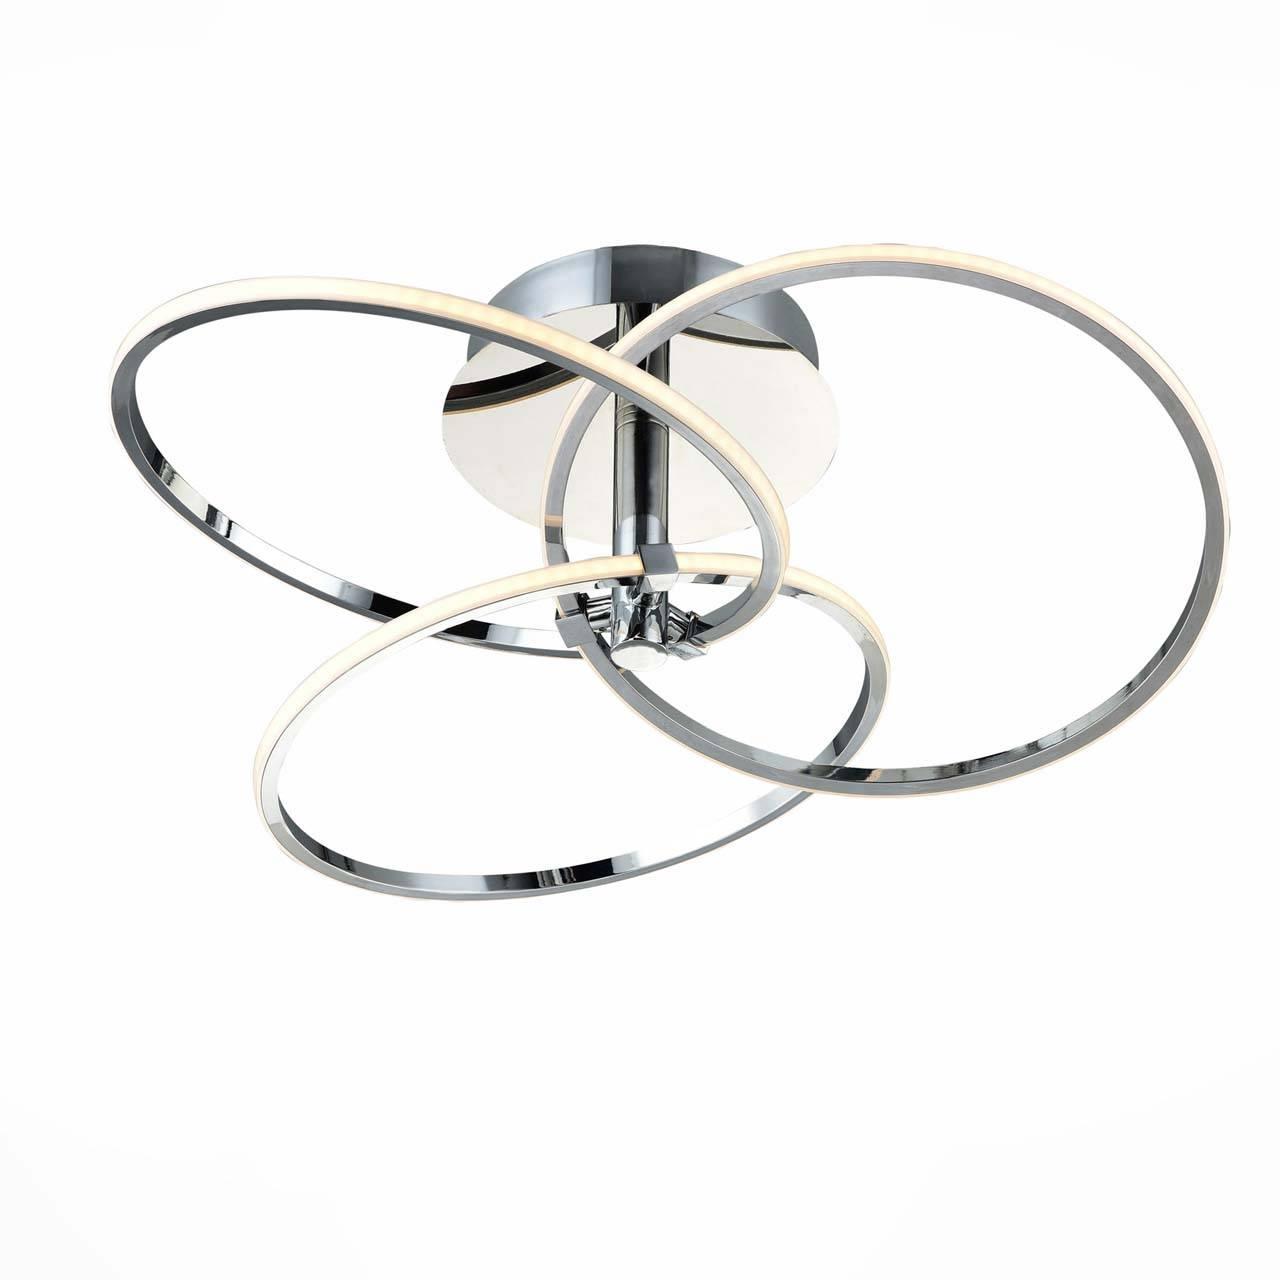 Купить Потолочный светодиодный светильник ST Luce SL в интернет магазине дизайнерской мебели и аксессуаров для дома и дачи